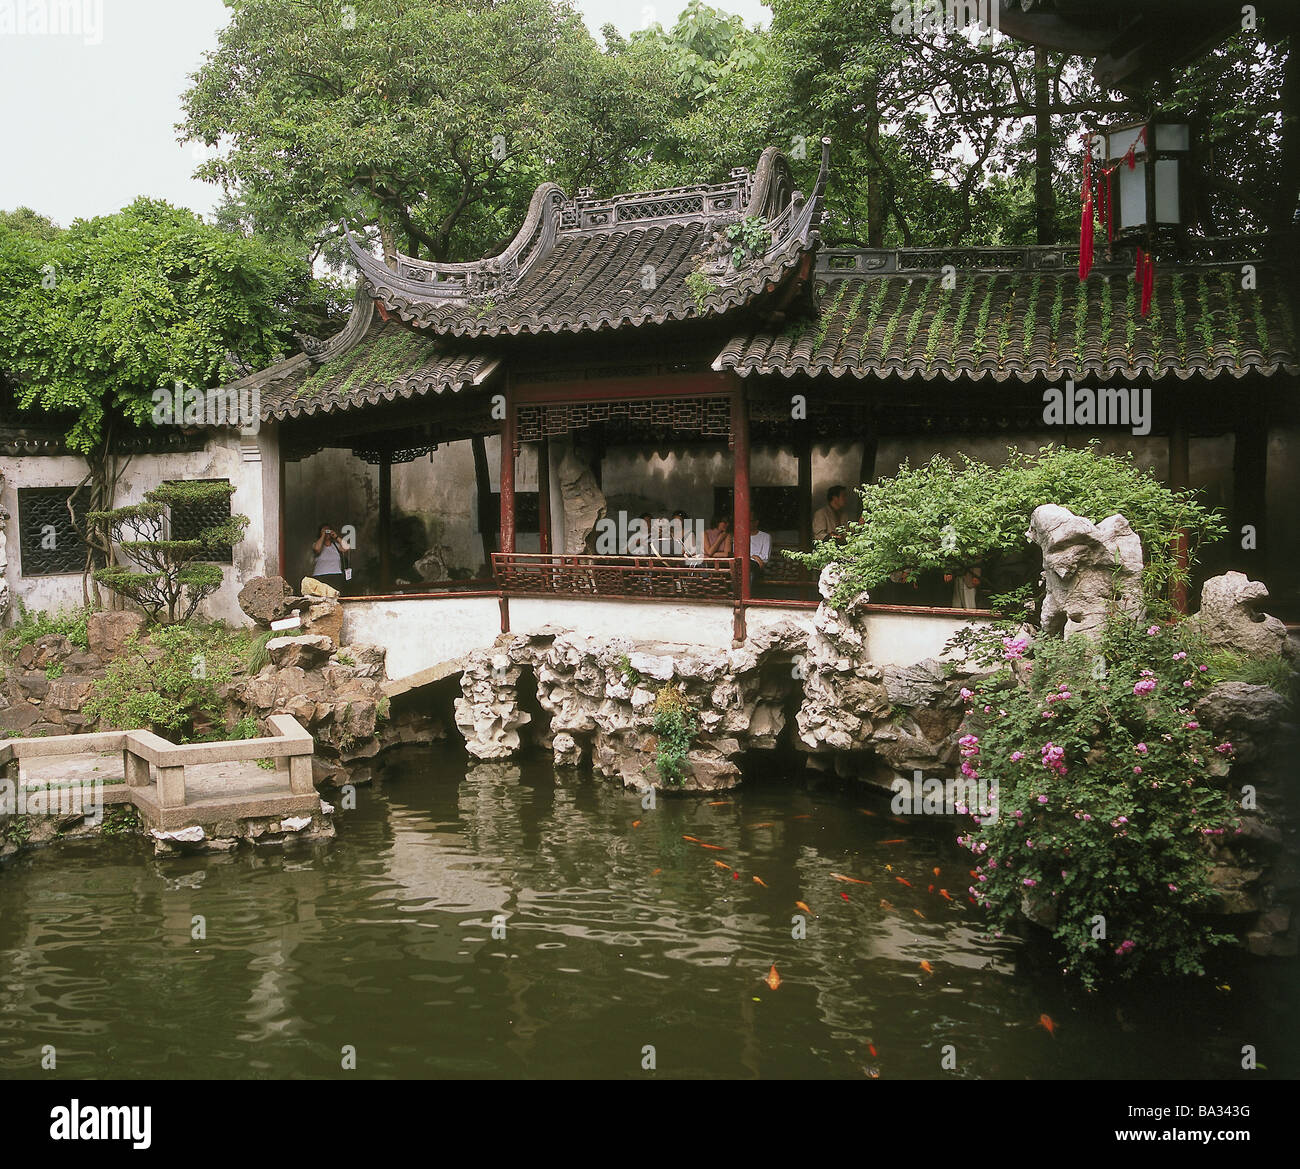 China province Jiangsu Suzhou Lingering guards grounds buildings ...